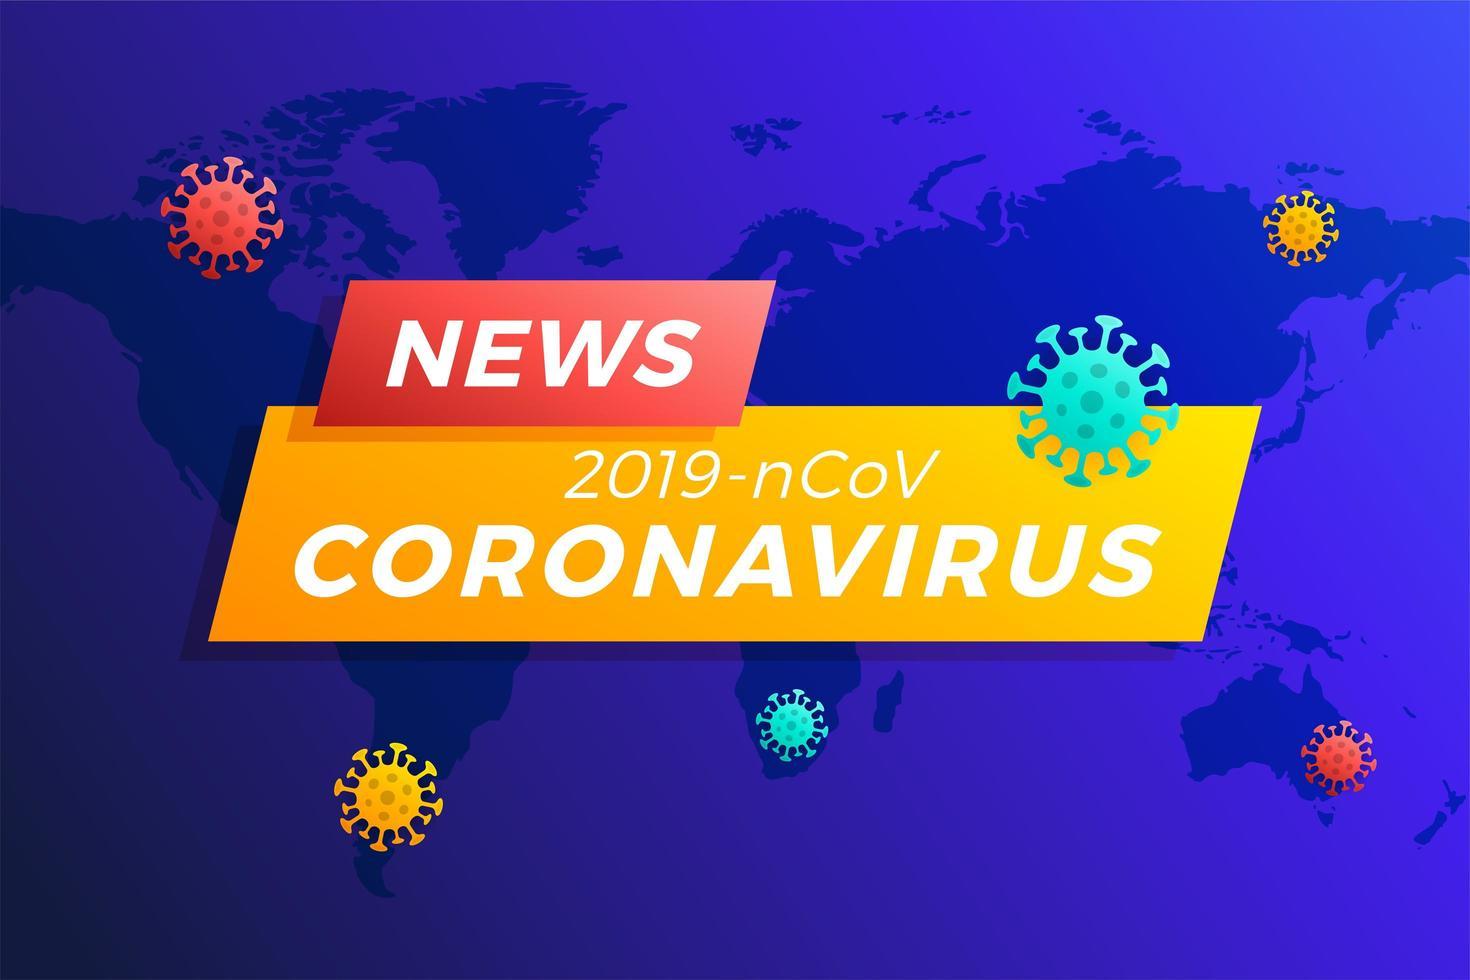 a manchete de notícias de última hora covid-19 ou coronavírus no mundo. coronavírus em ilustração vetorial wuhan. vetor